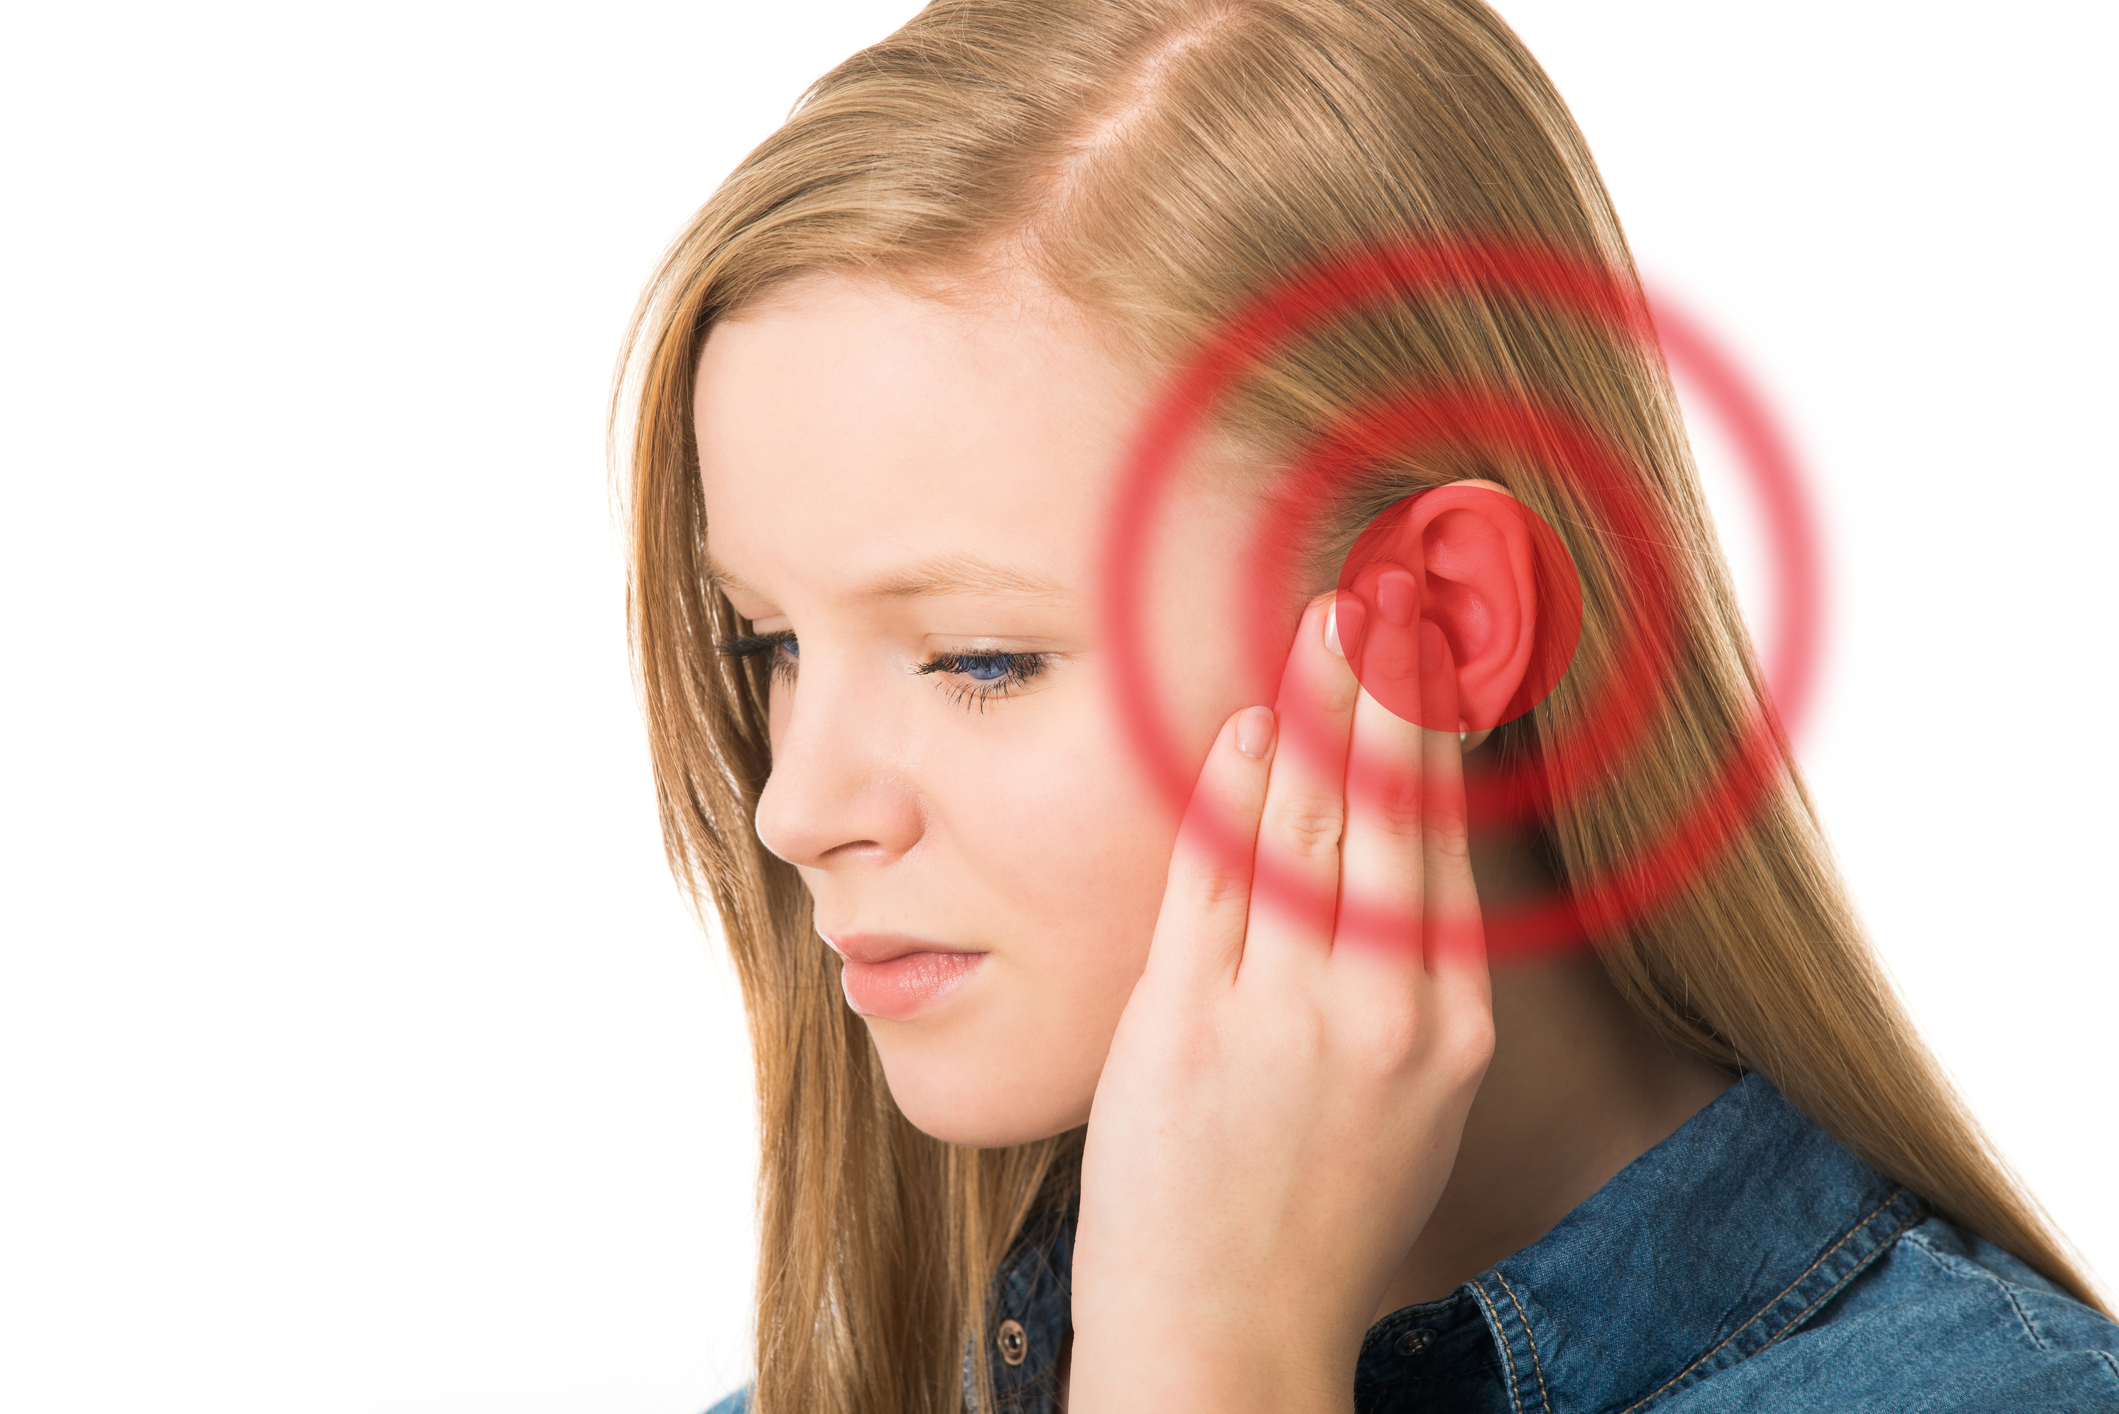 Zumbido en el oido